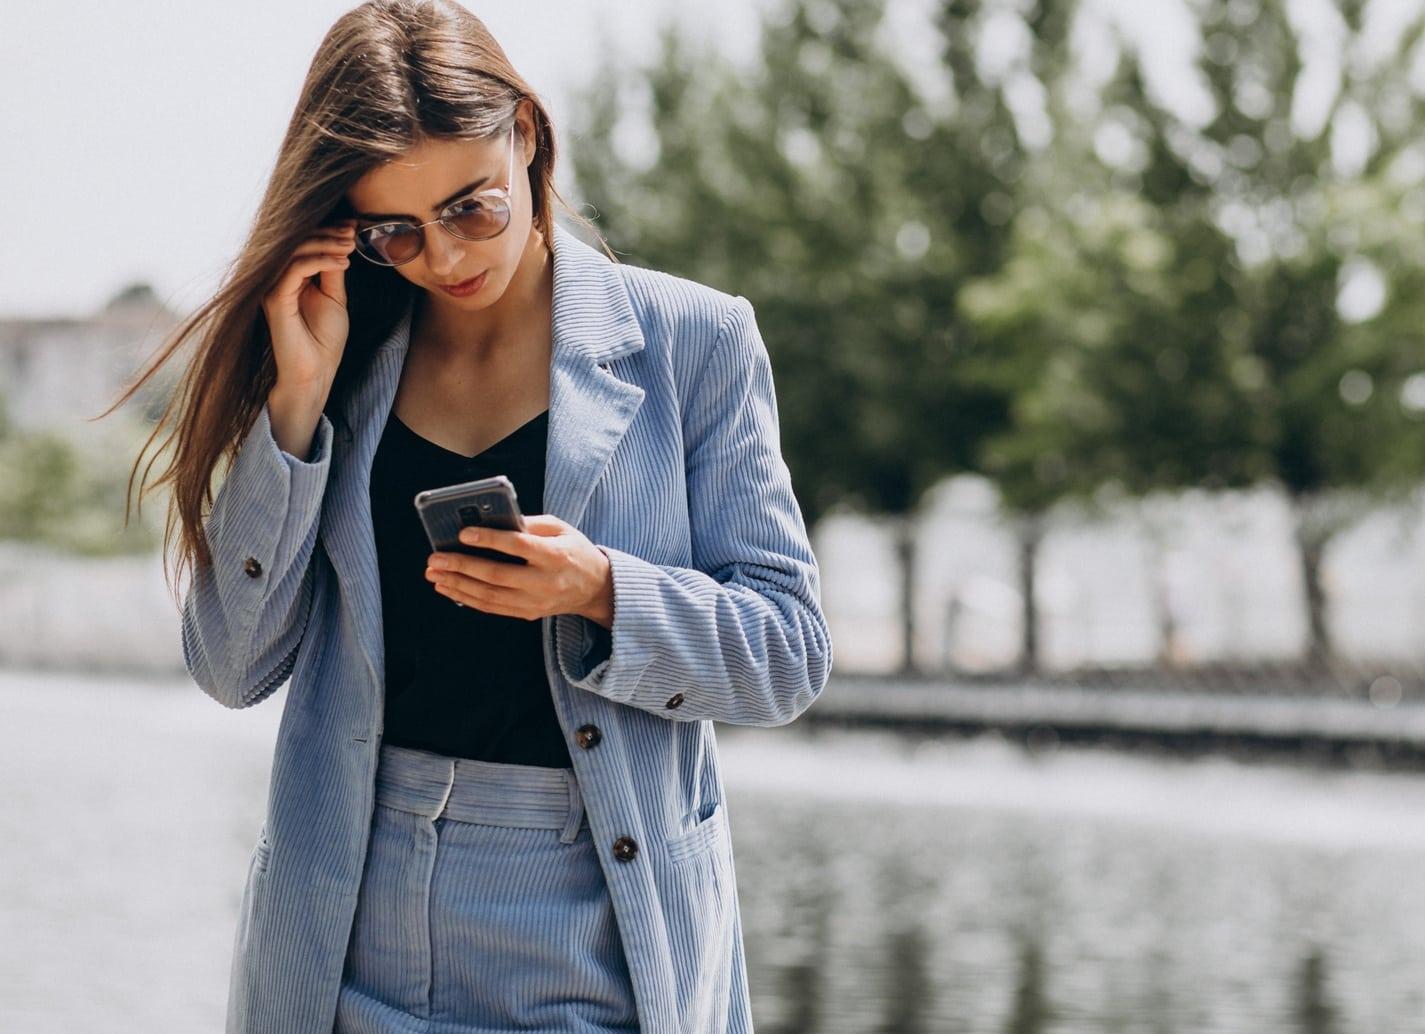 Anzeigentext für Stellenangebote Vorlage: Mit diesen Textbausteinen erreichen Anzeigen für Stellenangebote in Social Media exakt die richtigen Menschen.